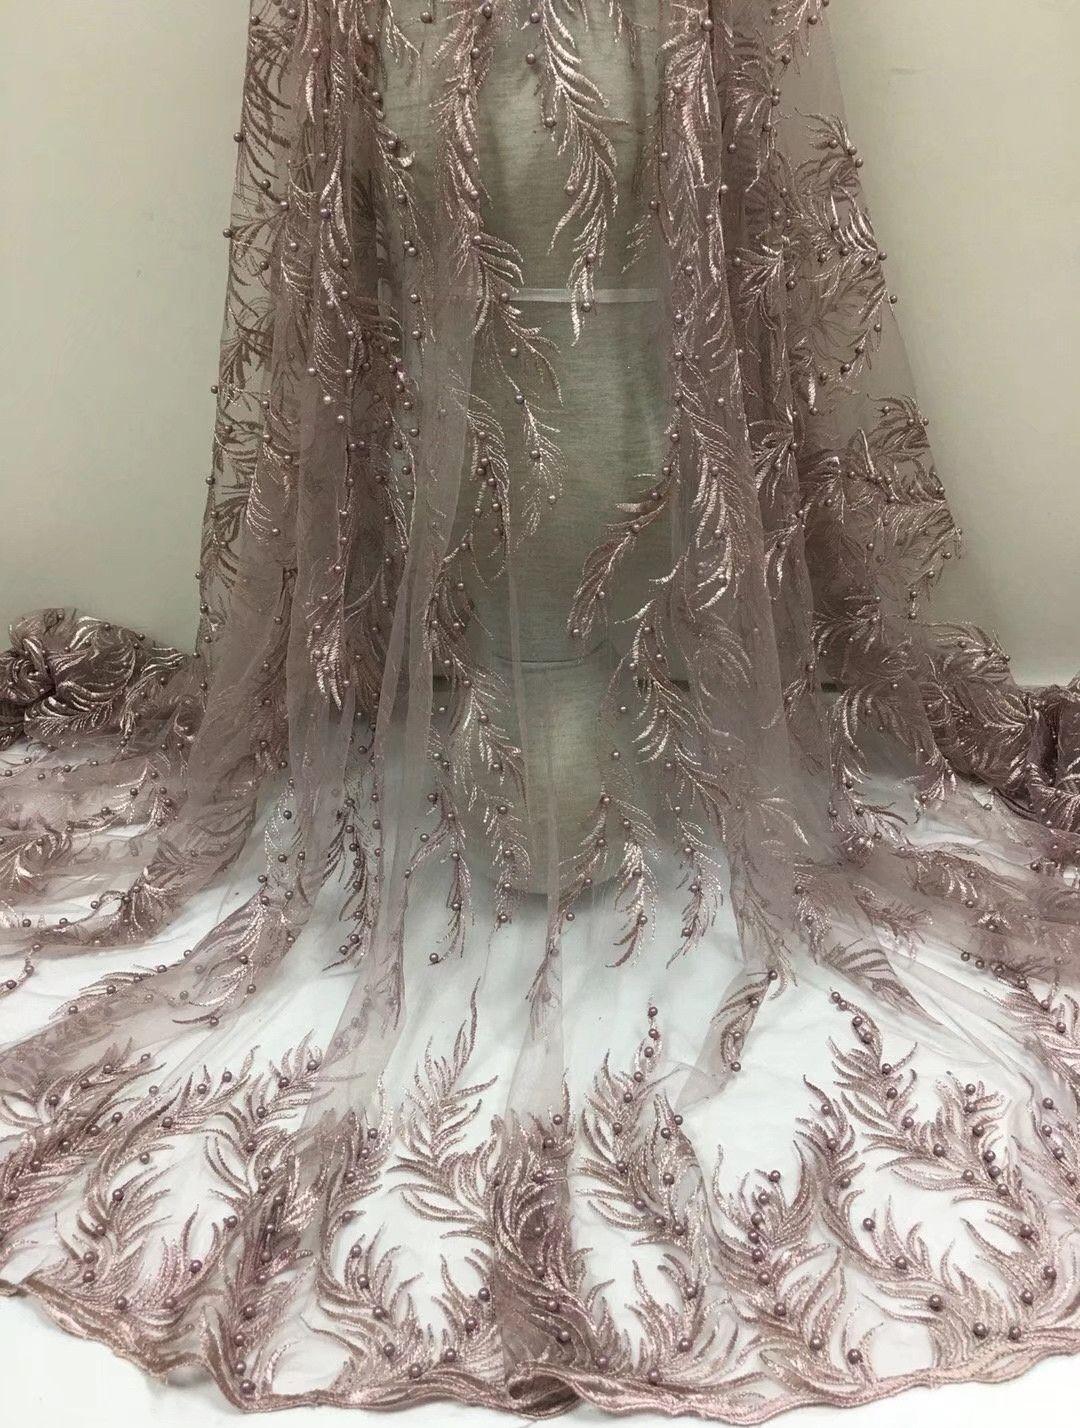 Neue Ankunft 5 Yards nigerianischen Spitze neue Design Französisch Hochzeitskleid für Partykleid, Afrika Spitze Stoff nähen gestickte Tüll Spitze diy Kleider